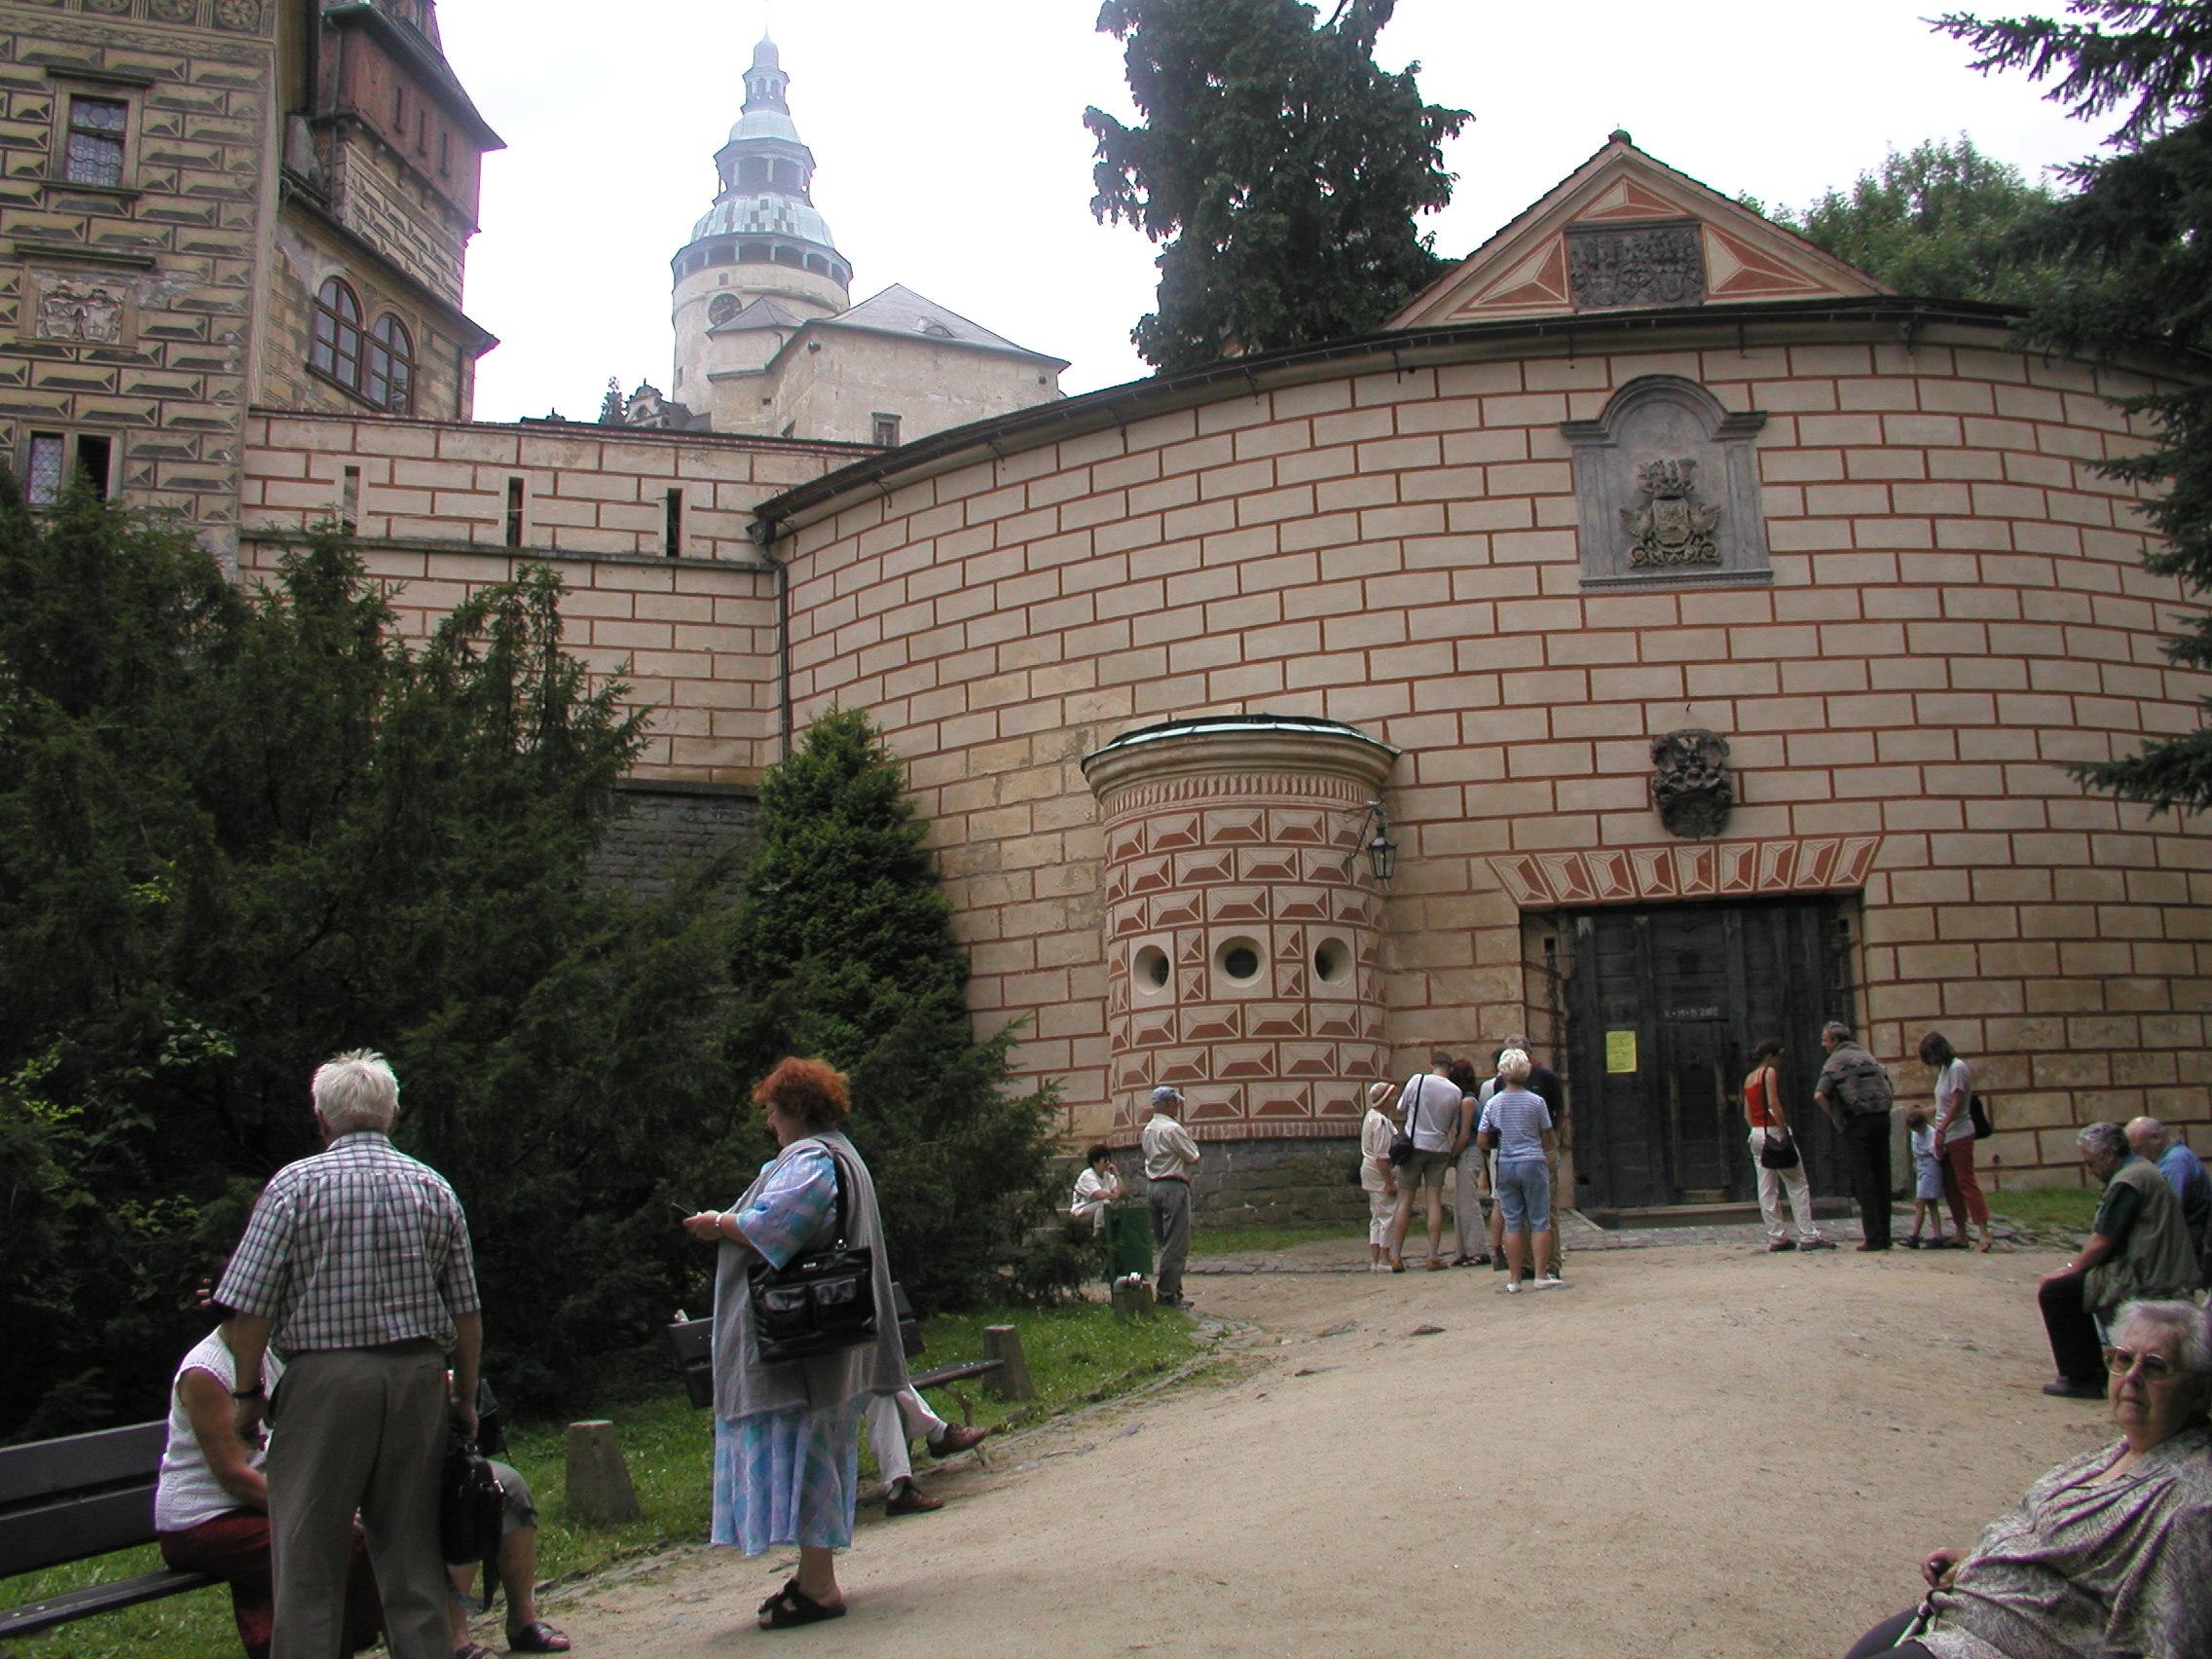 Zamek Frydland